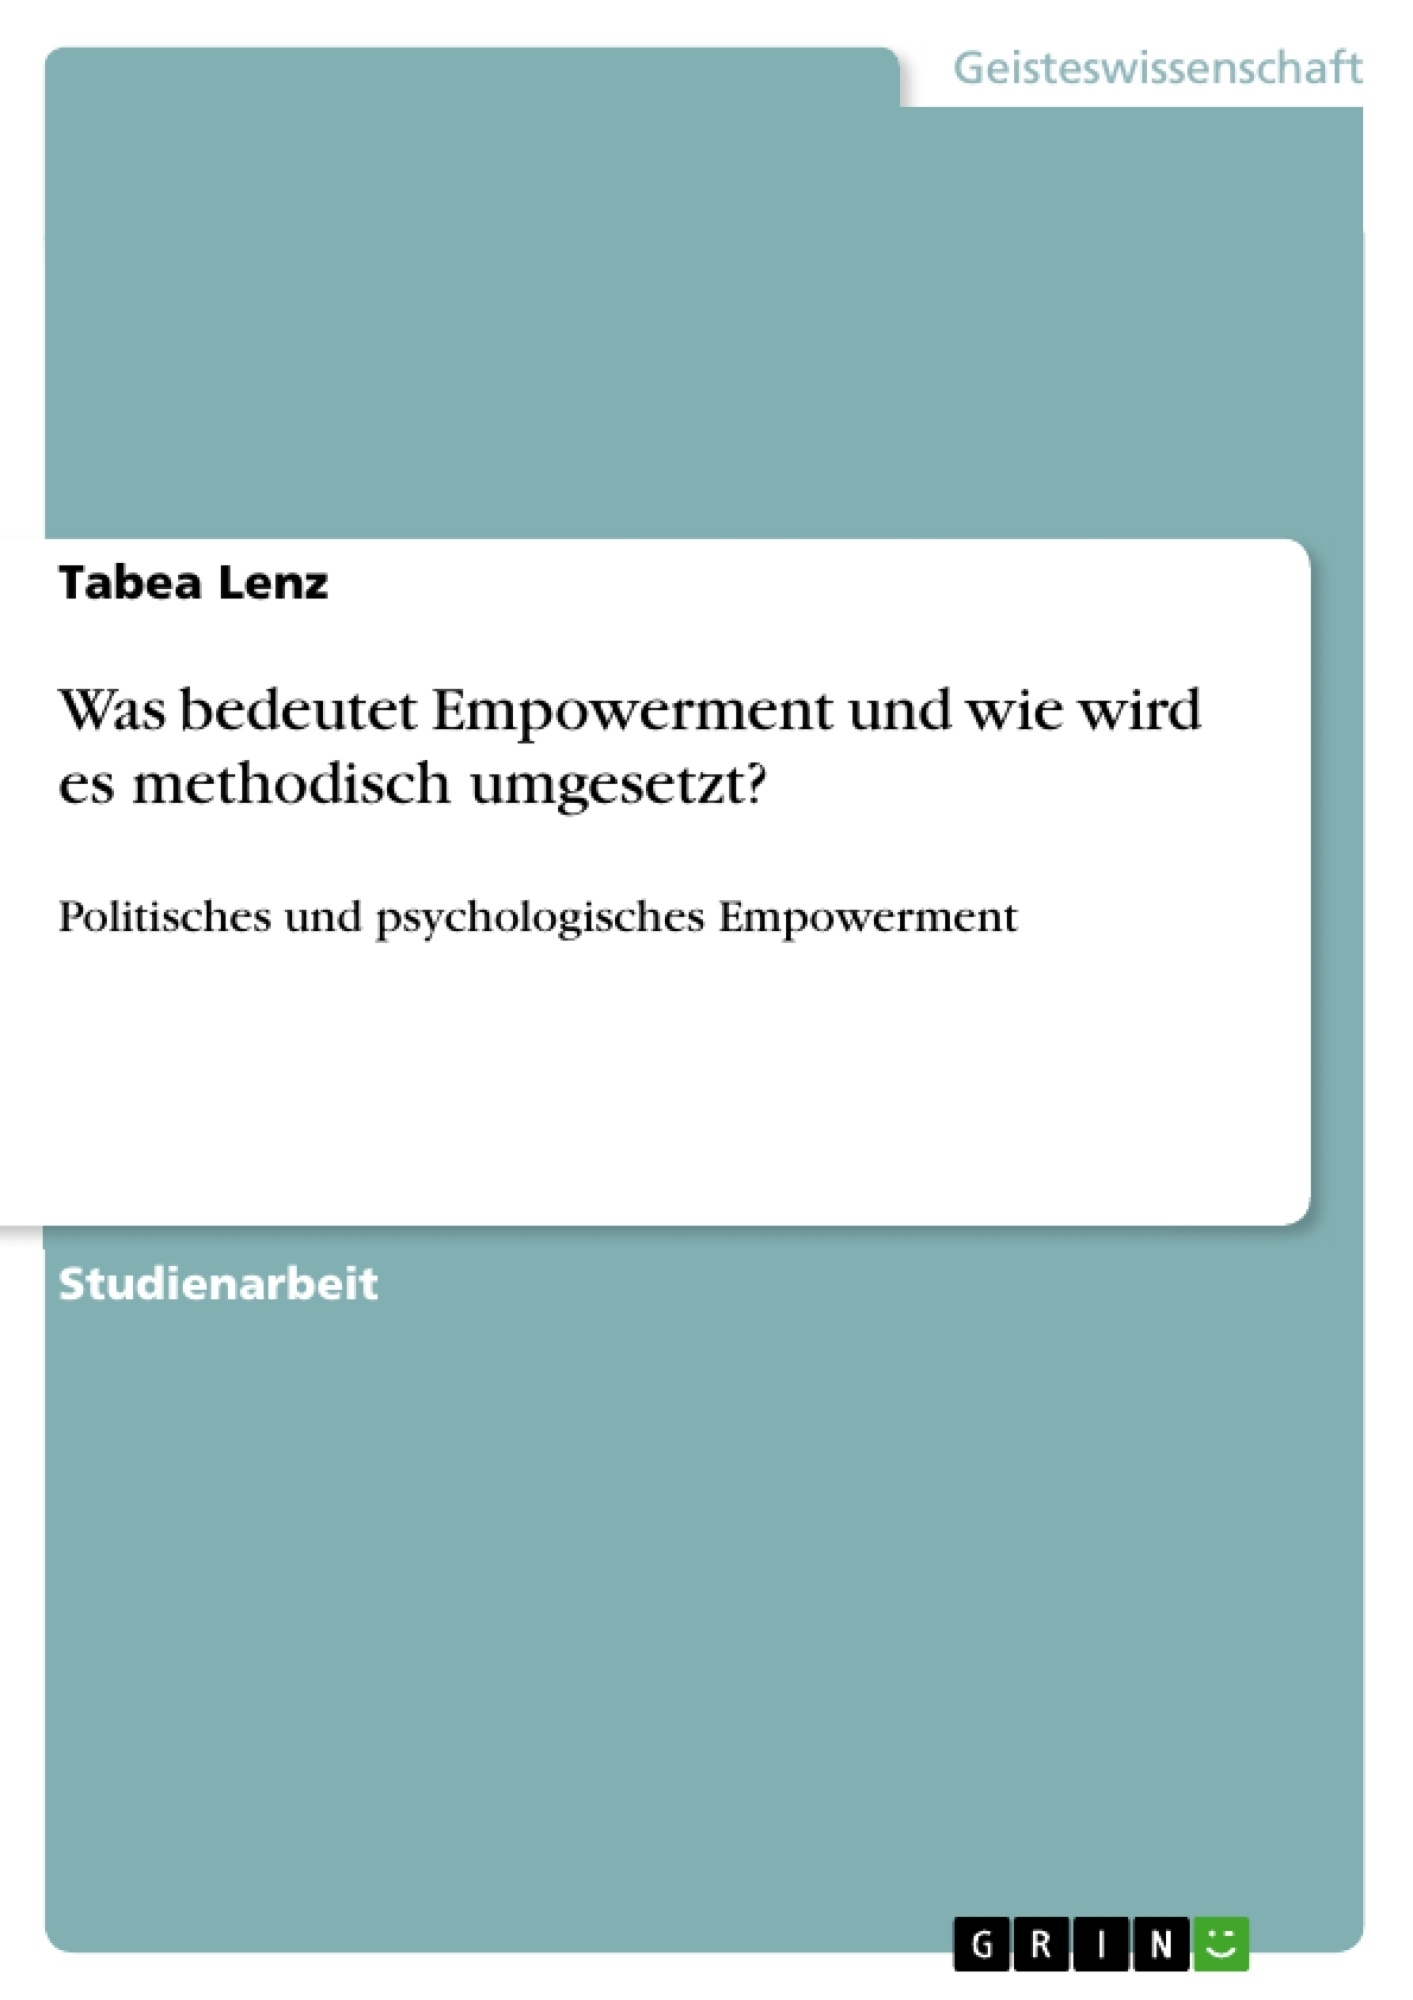 Titel: Was bedeutet Empowerment und wie wird es methodisch umgesetzt?